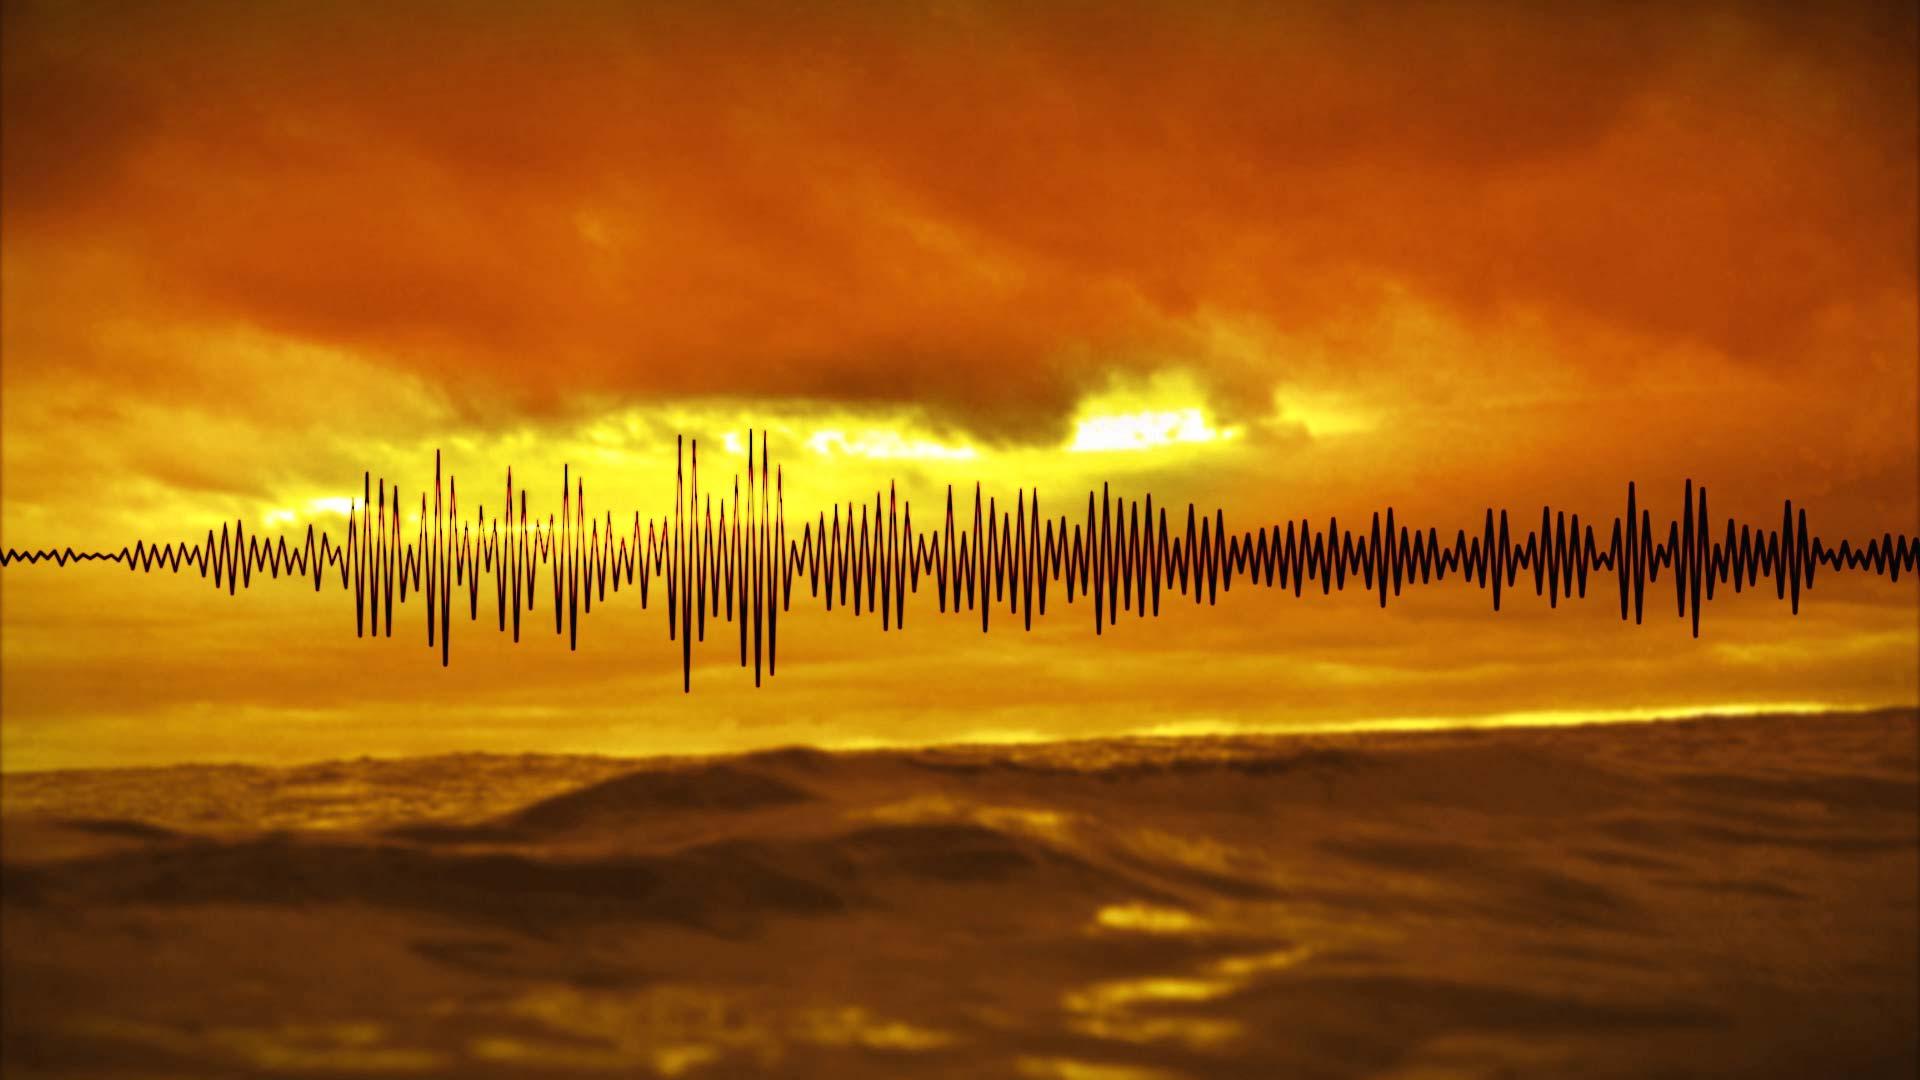 Fear The Walking Dead Radio Waves Hd Wallpaper